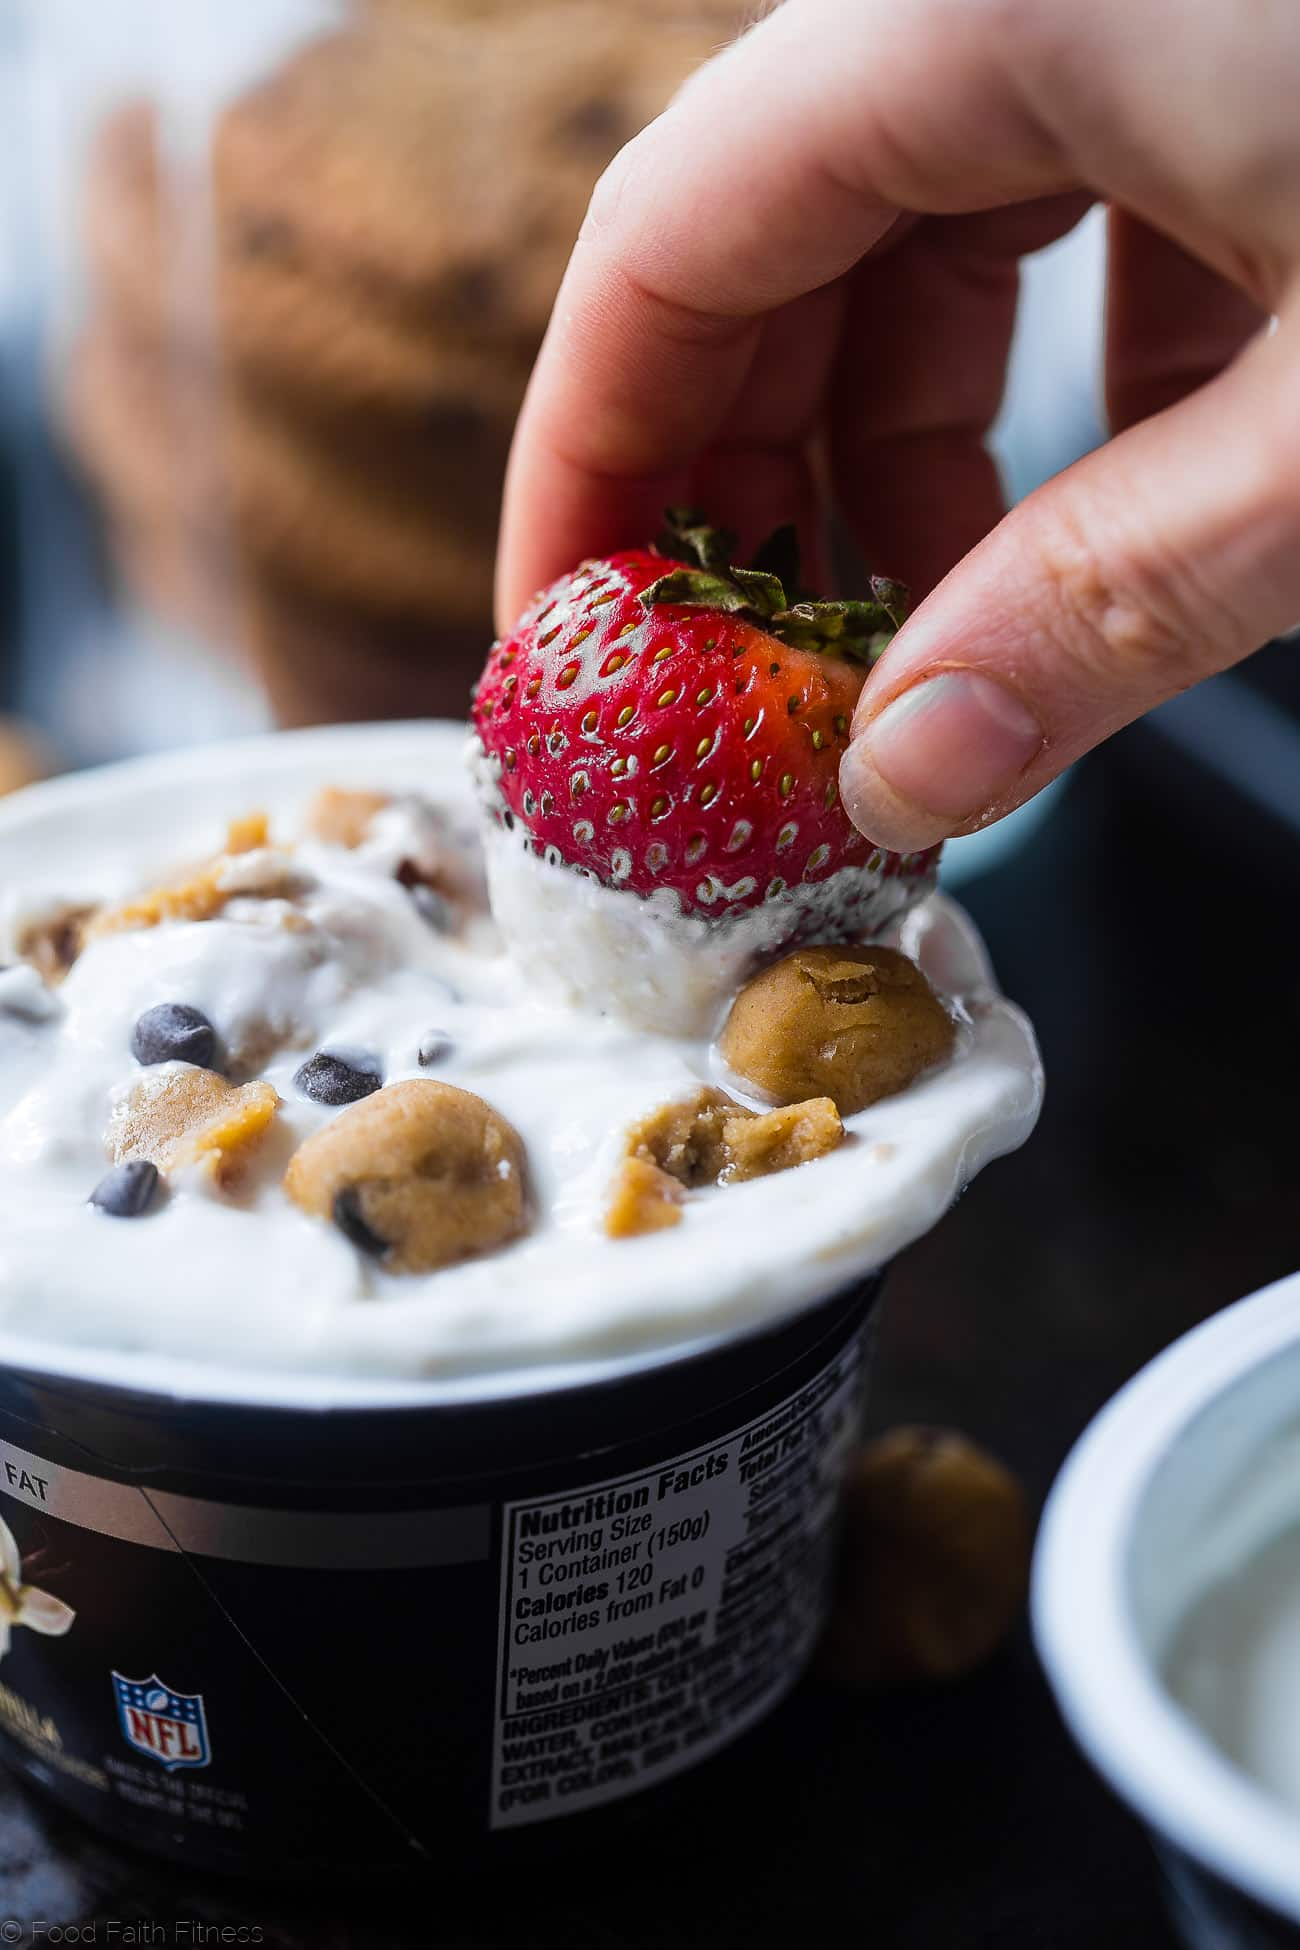 Dipping a strawberry into cookie dough dip. Recipe on Foodfaithfitness.com